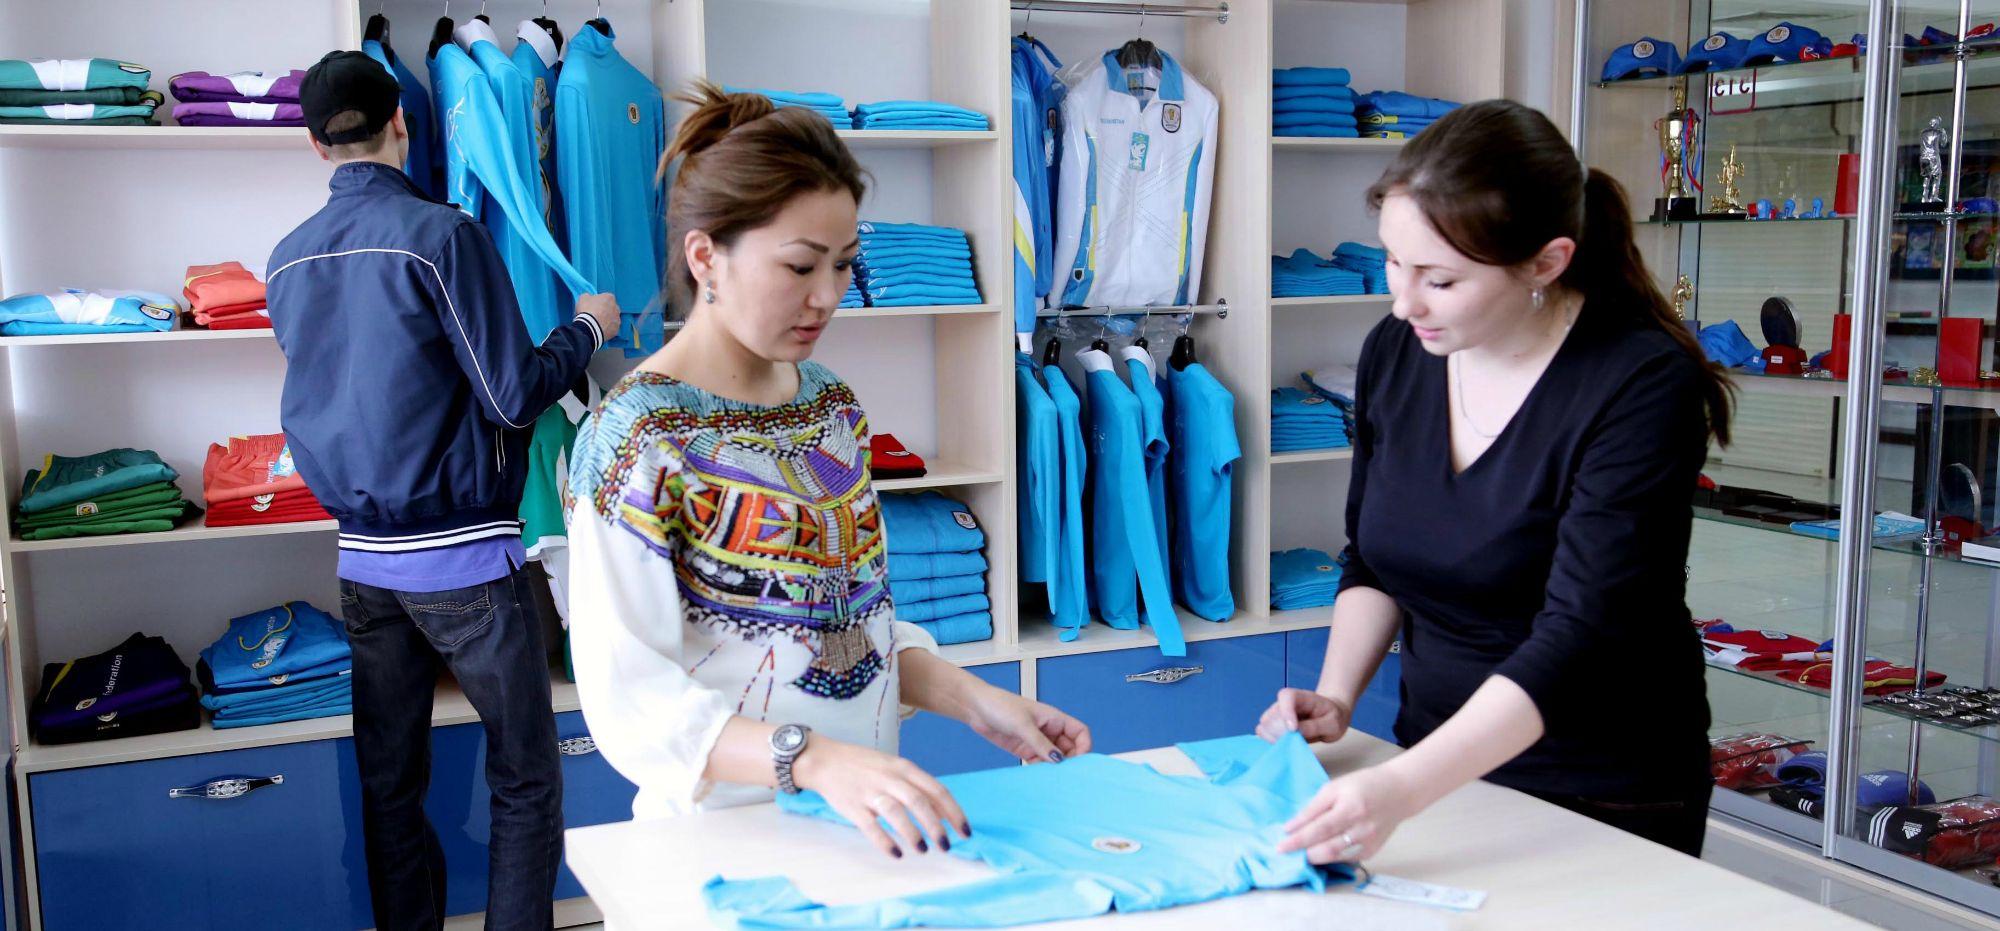 Где Можно Заказывать Дешевую Одежду С Доставкой